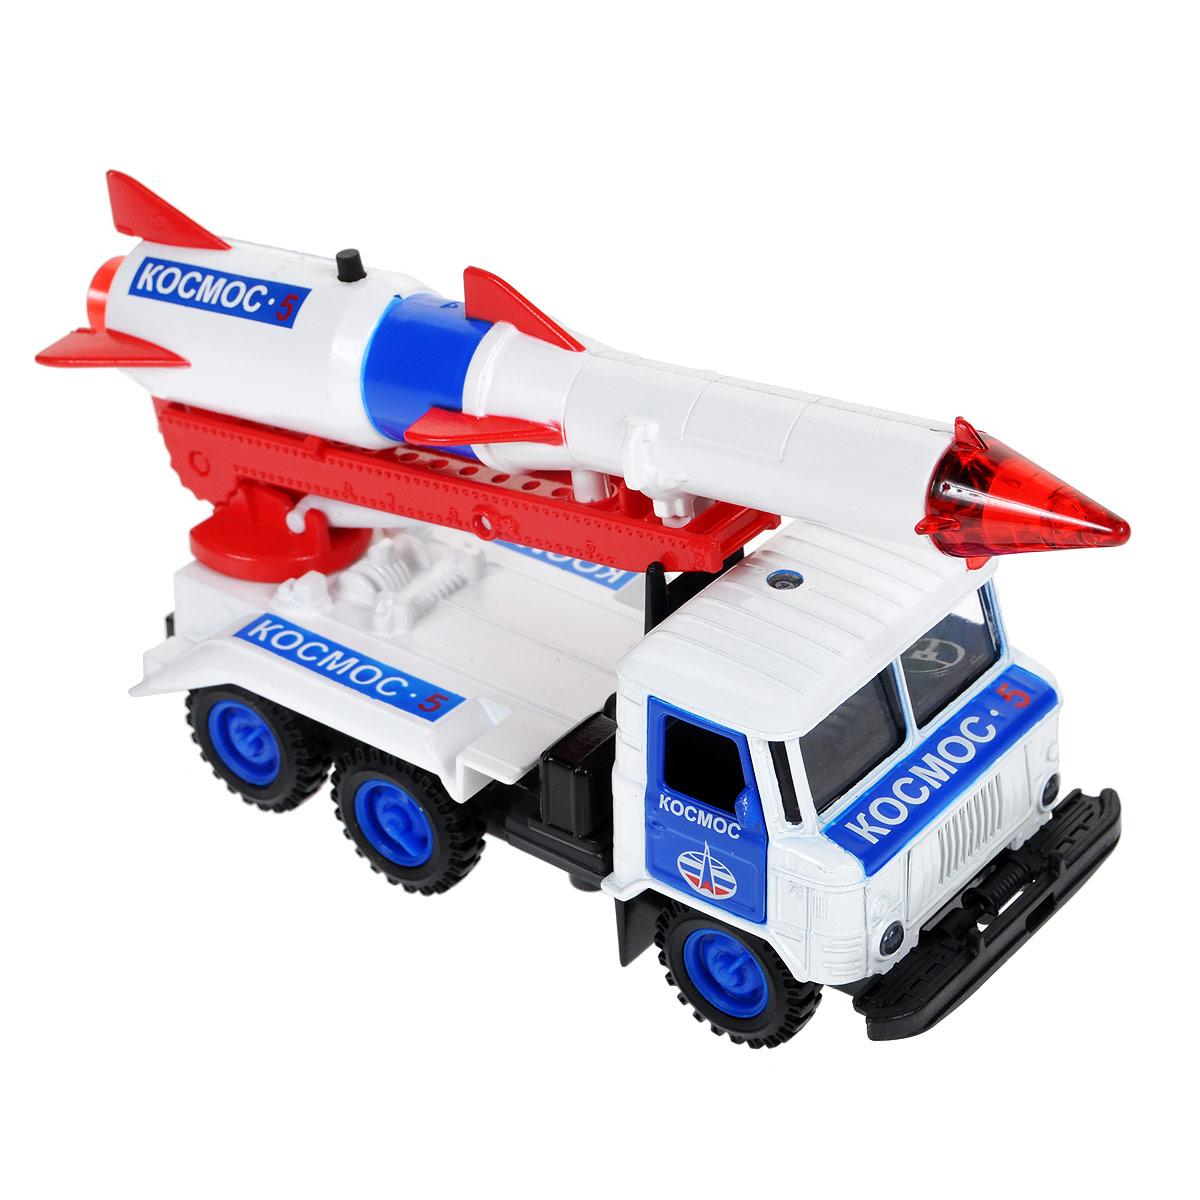 ТехноПарк Машинка инерционная ГАЗ 66 с ракетой Космос б у газ 66 дизель